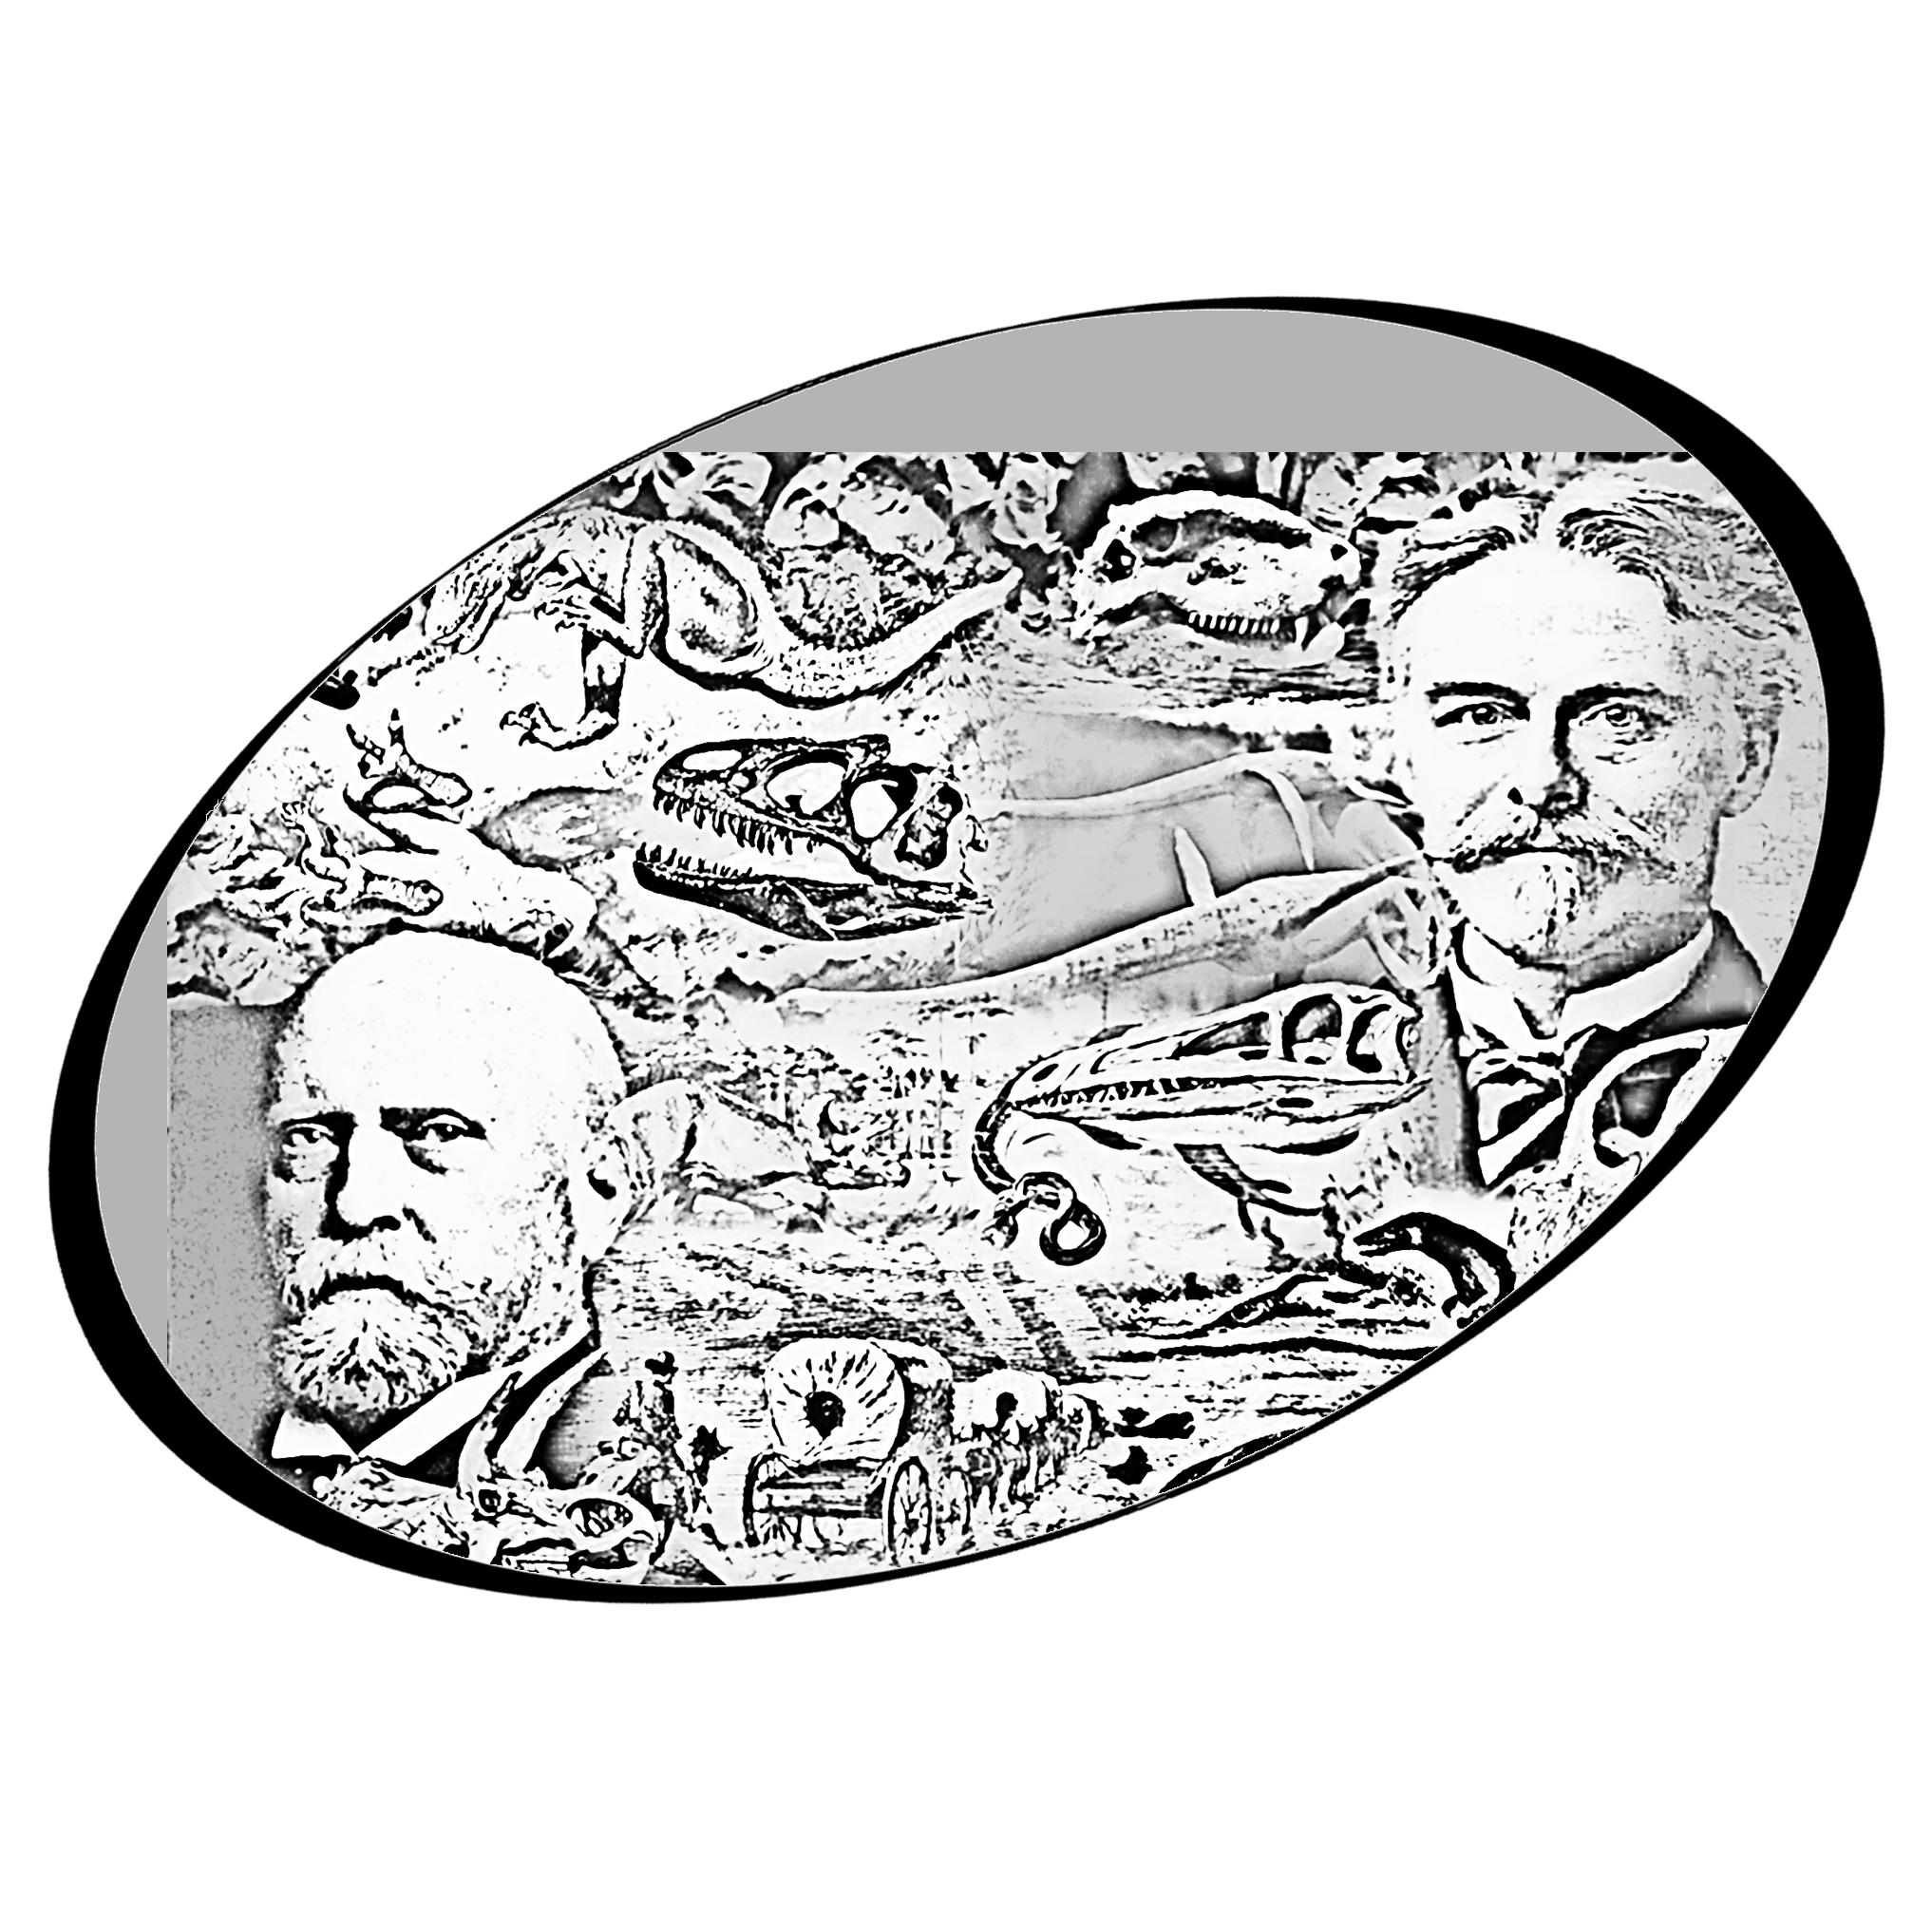 Kategorie Geschichte der Paläontologie